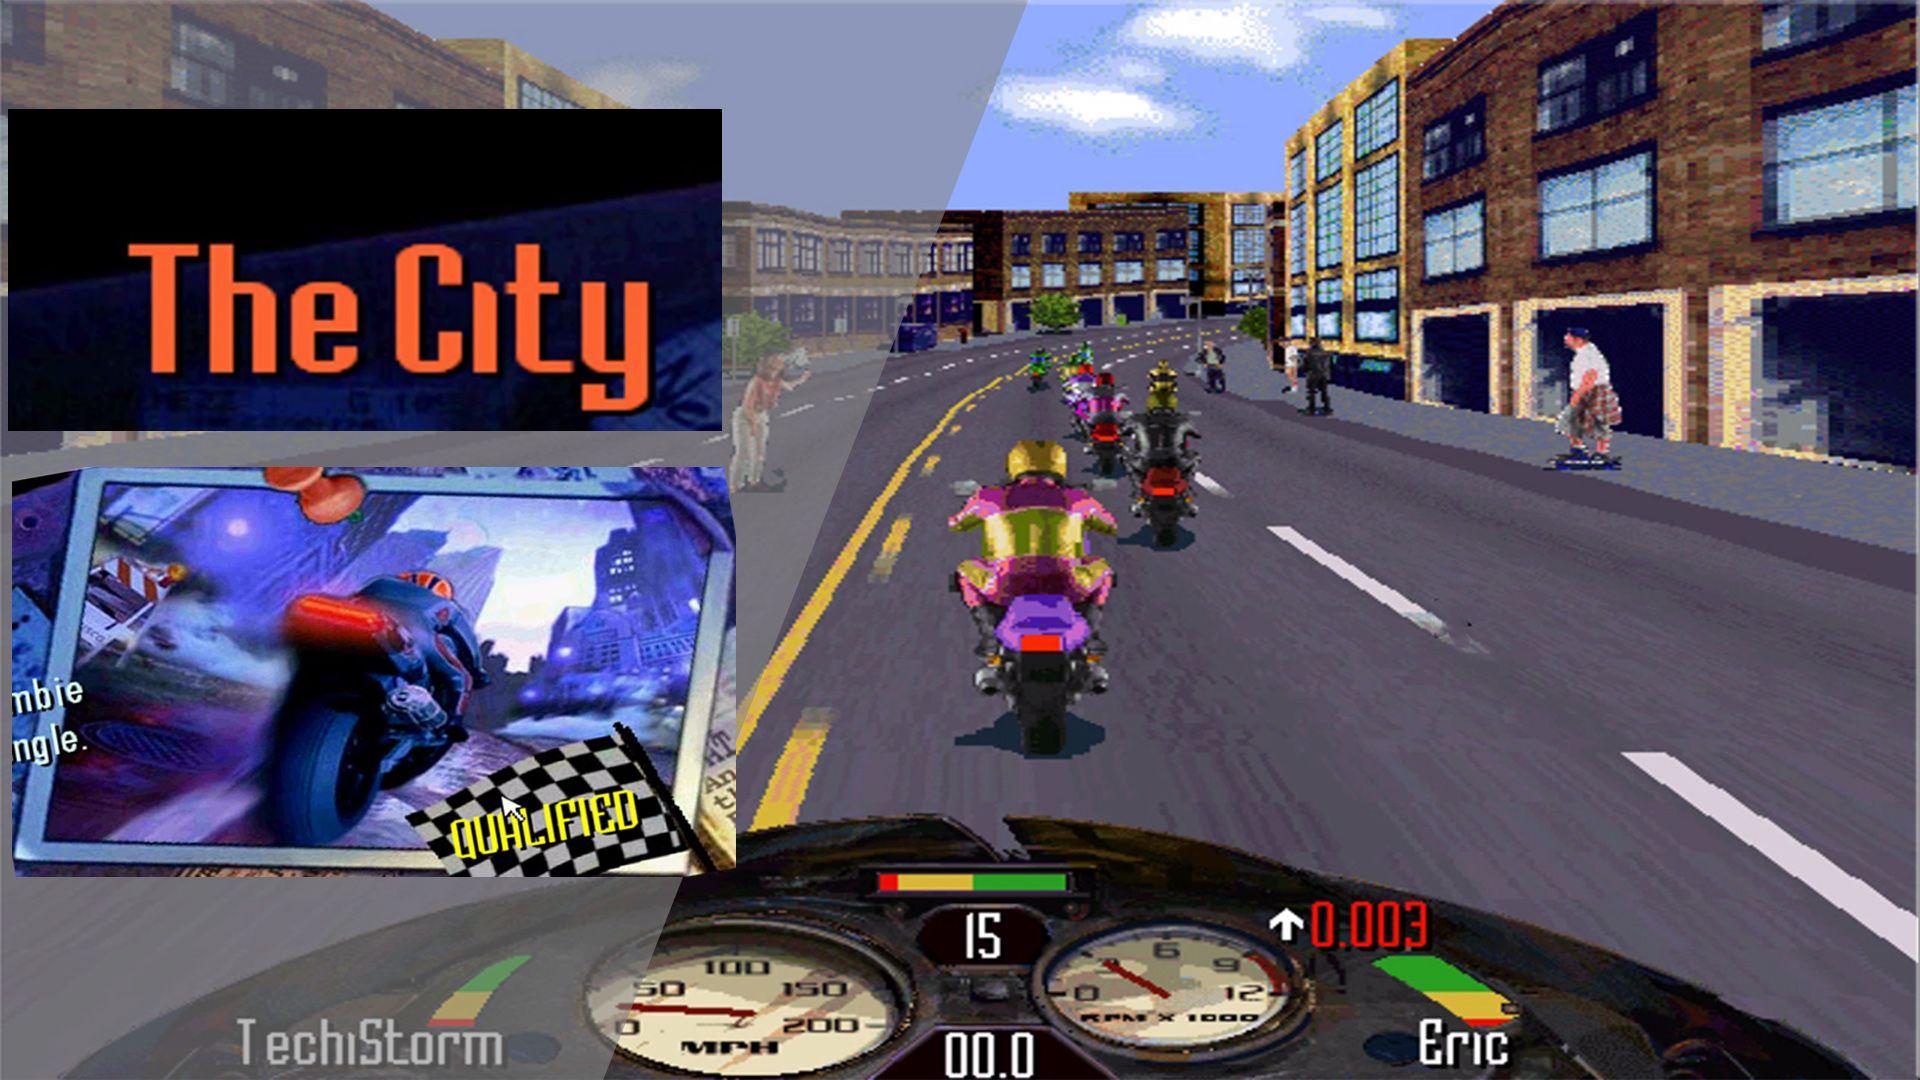 Road Rash The City Pc Game https//youtu.be/7AhvlBQZOXc